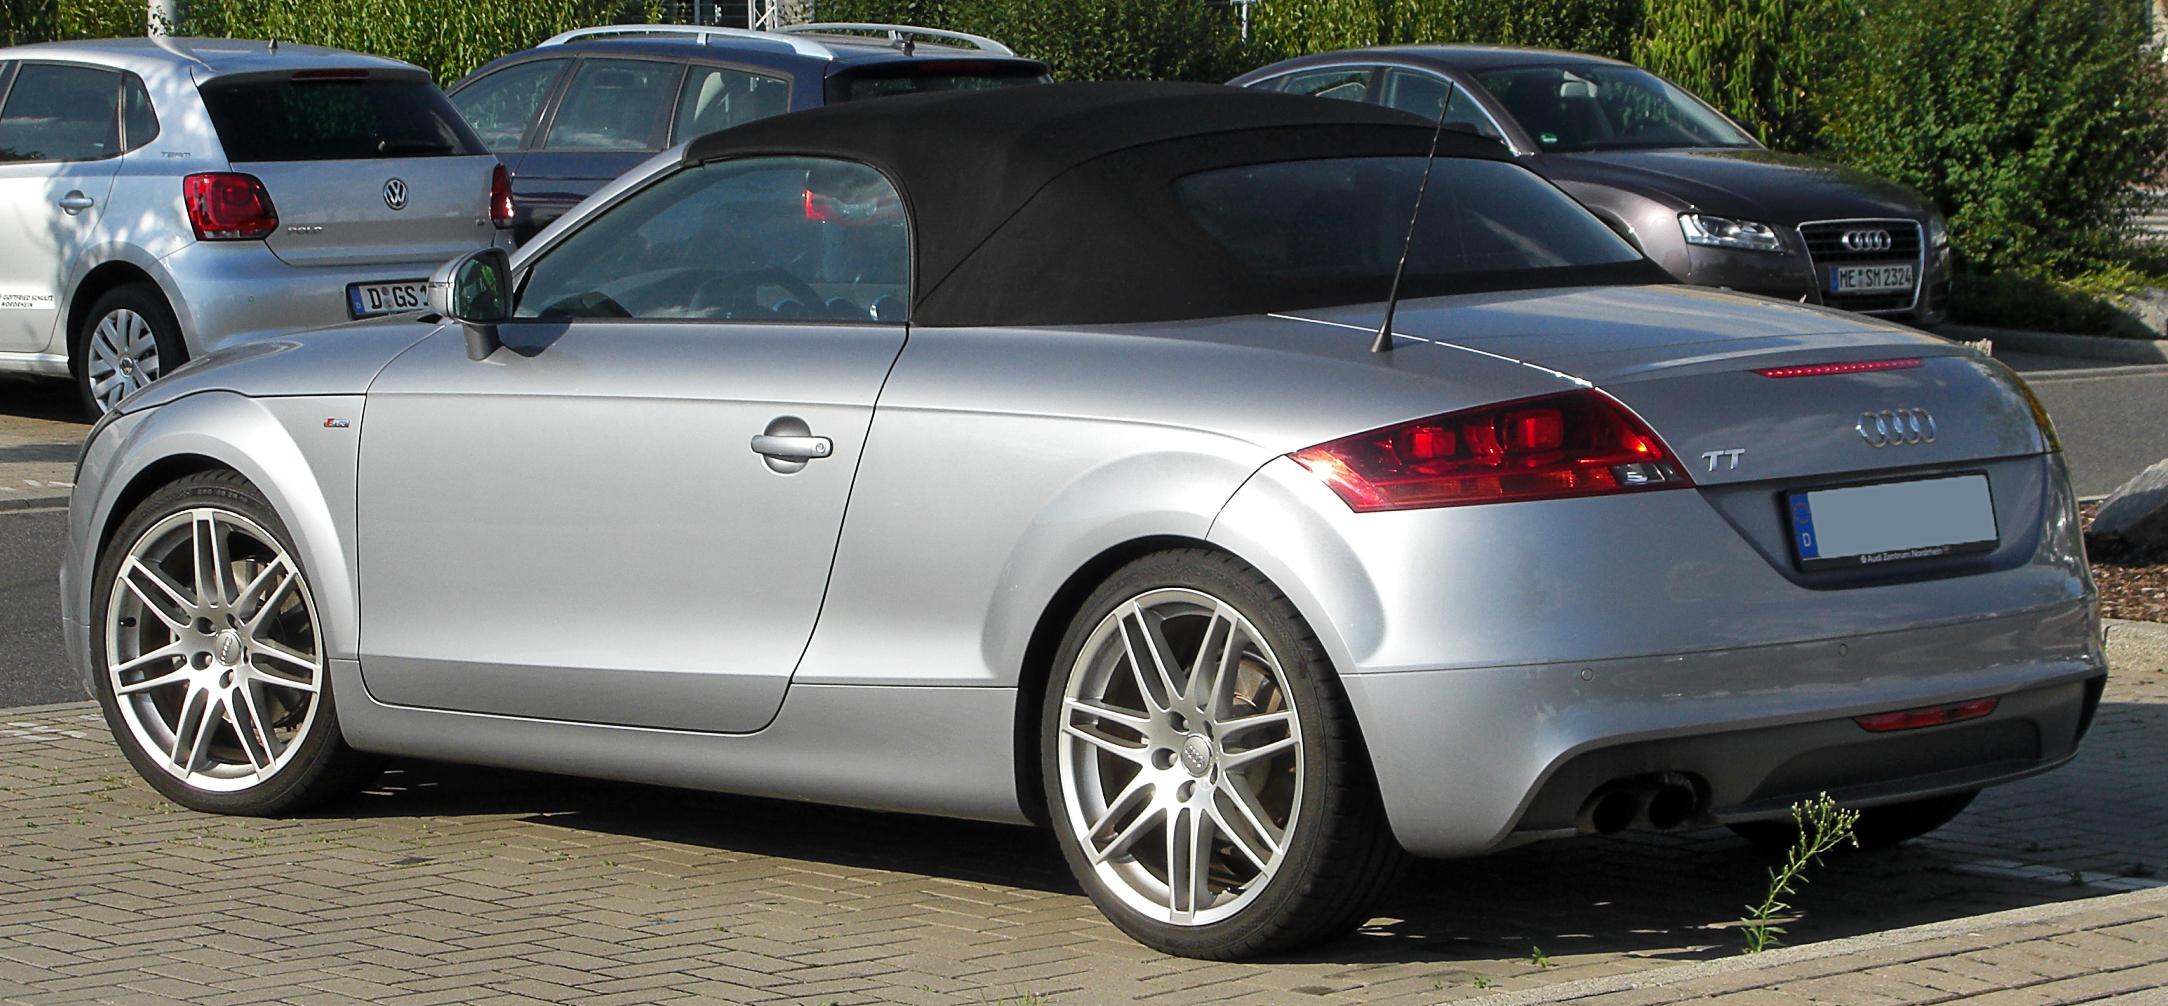 File Audi Tt Roadster 8j Rear 20100724 Jpg Wikimedia